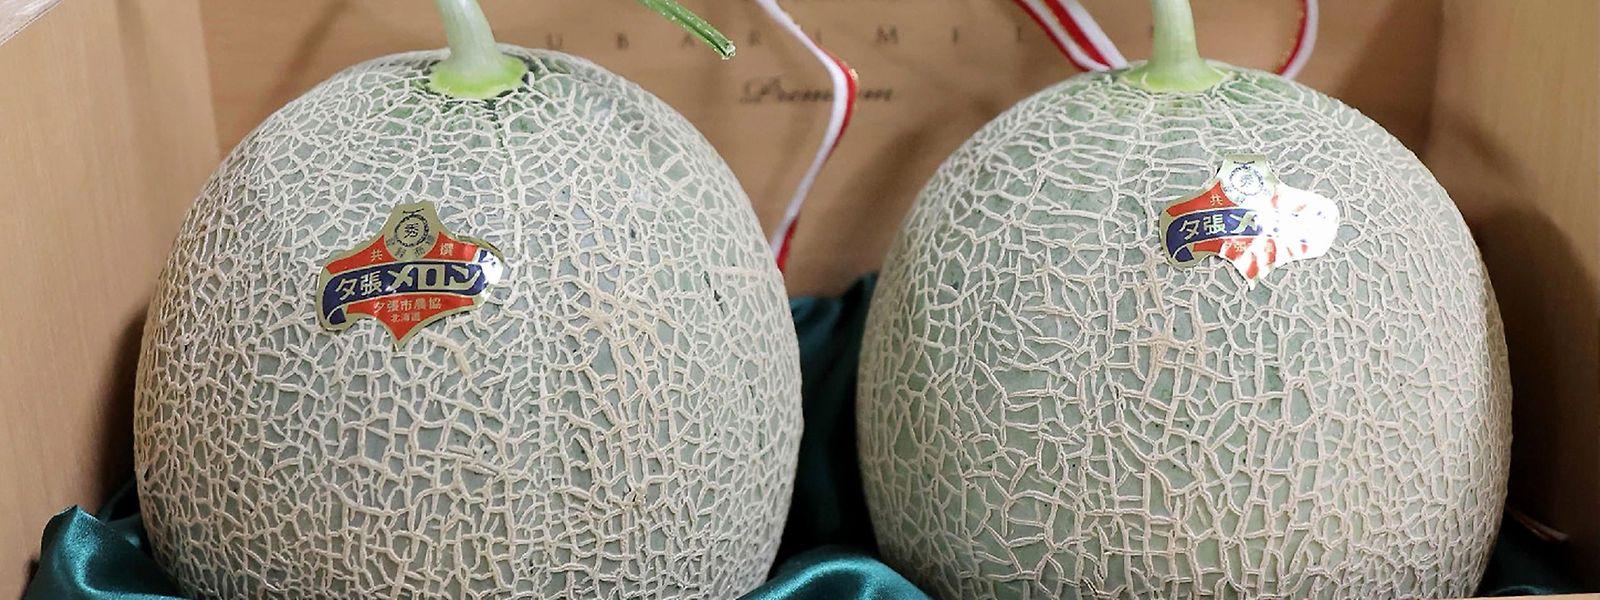 Die Melonen sind eine heißbegehrte Delikatesse.